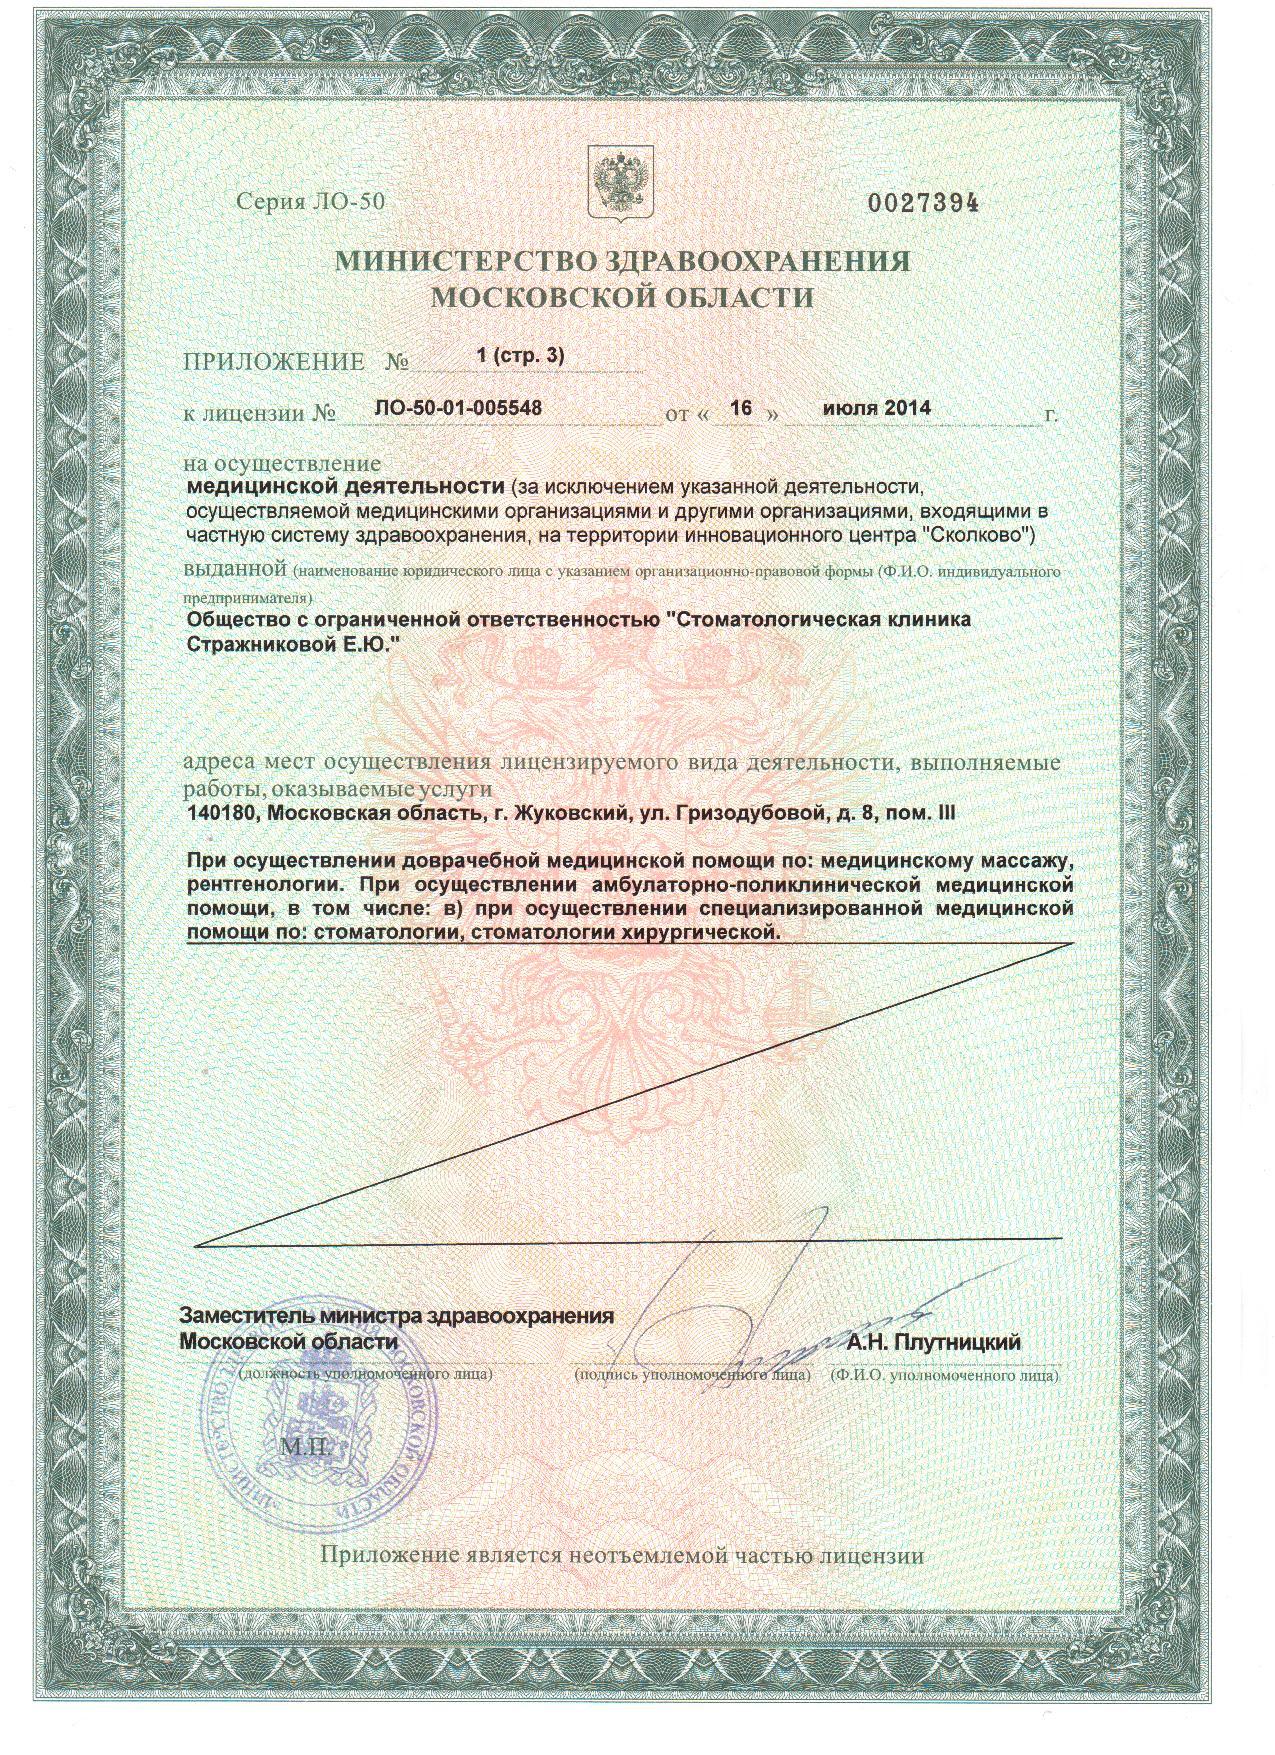 bilyanovsky